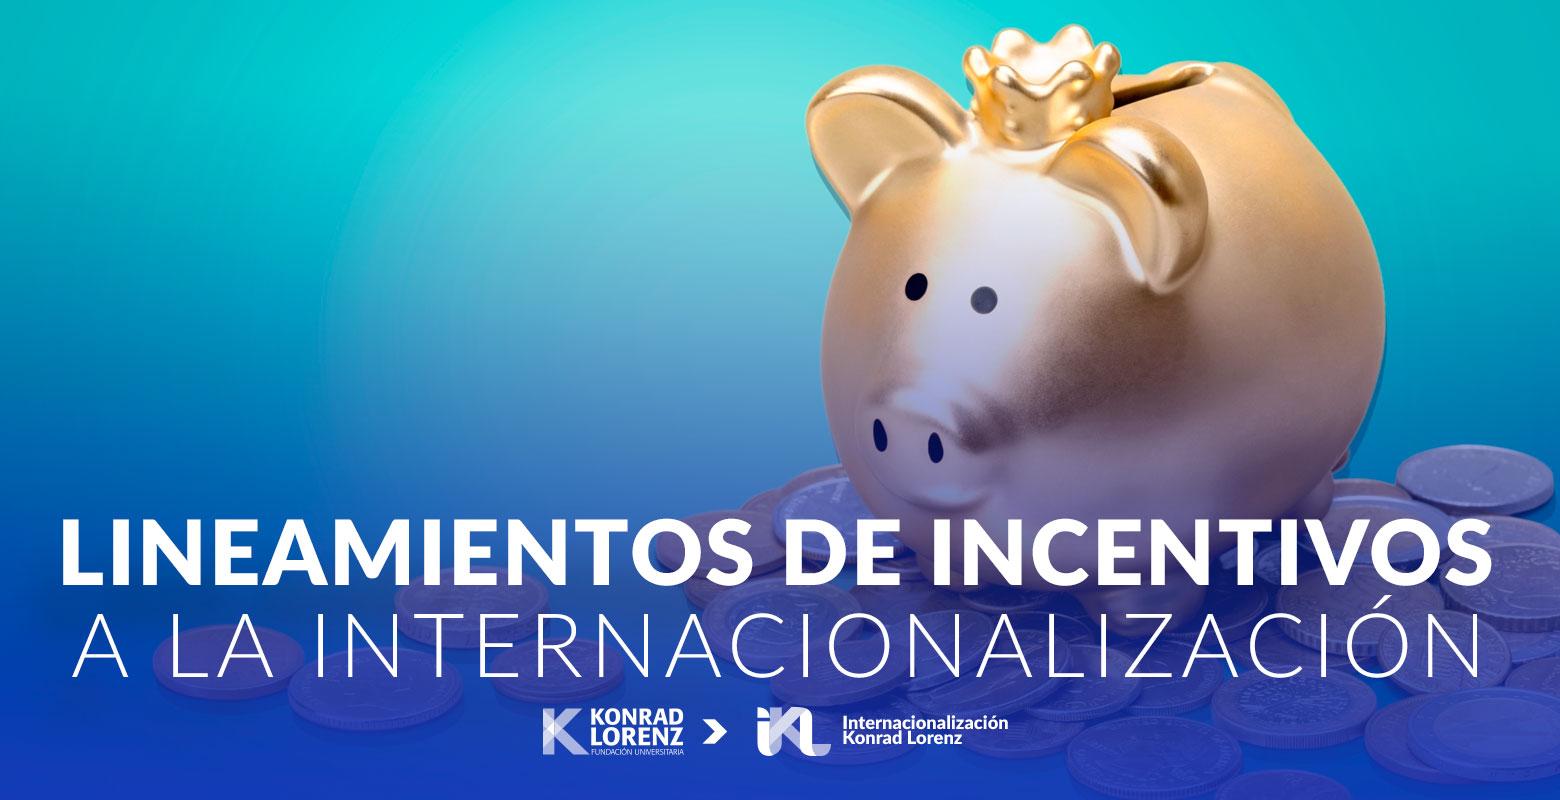 Lineamientos de incentivos a la internacionalización